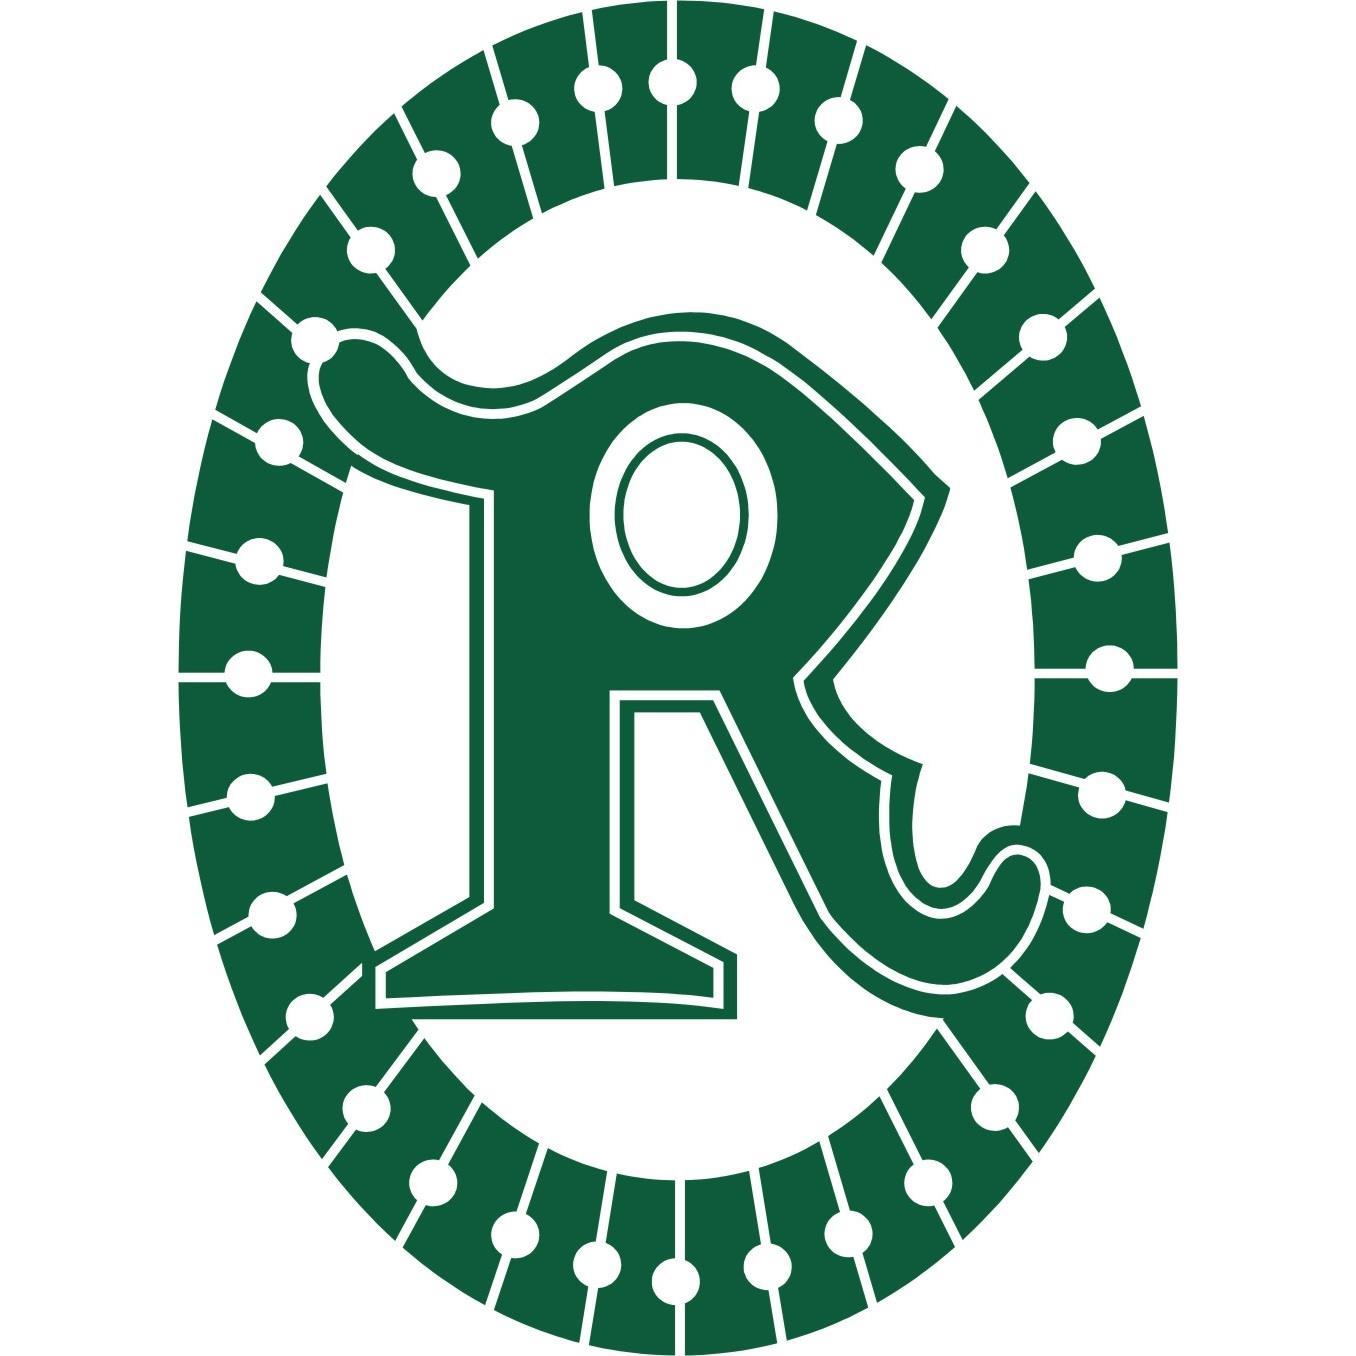 RIC: Thông báo công văn của Sở KHĐT về đồng ý gia hạn tổ chức ĐHĐCĐ thường niên 2018